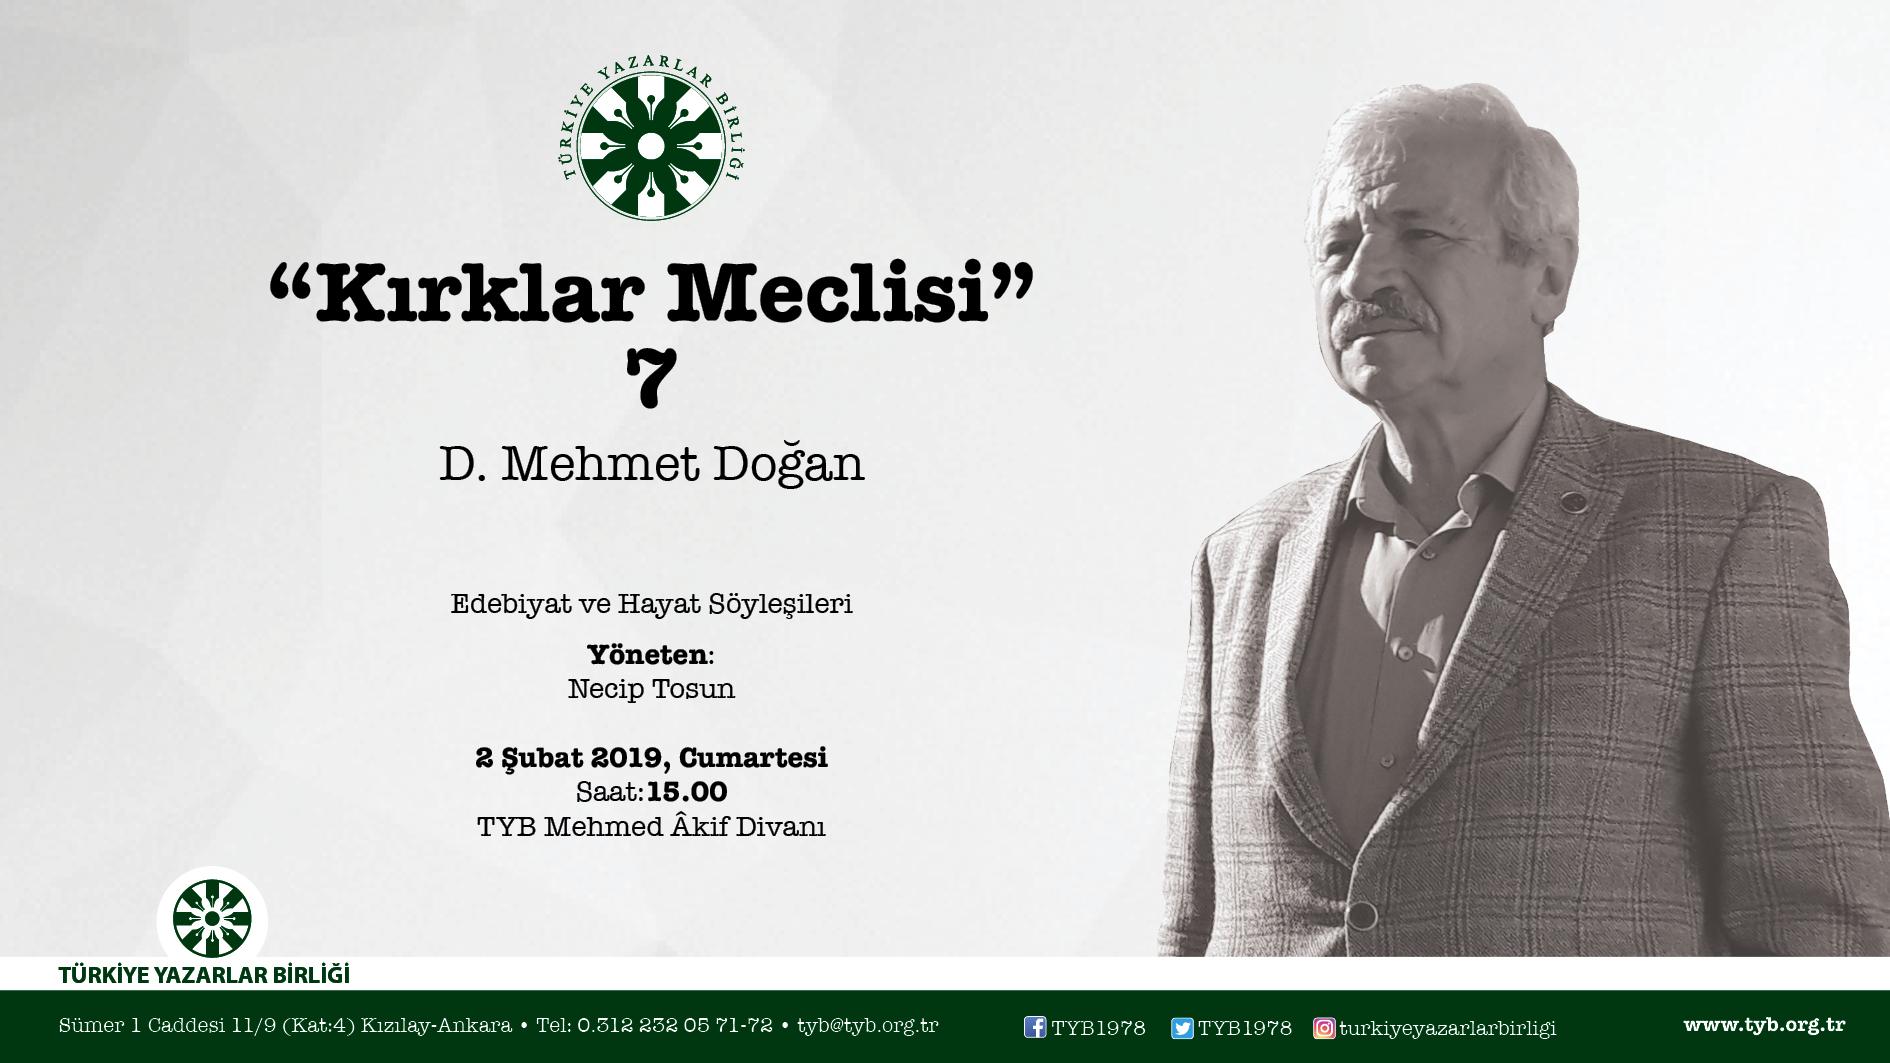 Kırklar Meclisi Yeniden Başlıyor! İlk Konuk: D. Mehmet Doğan